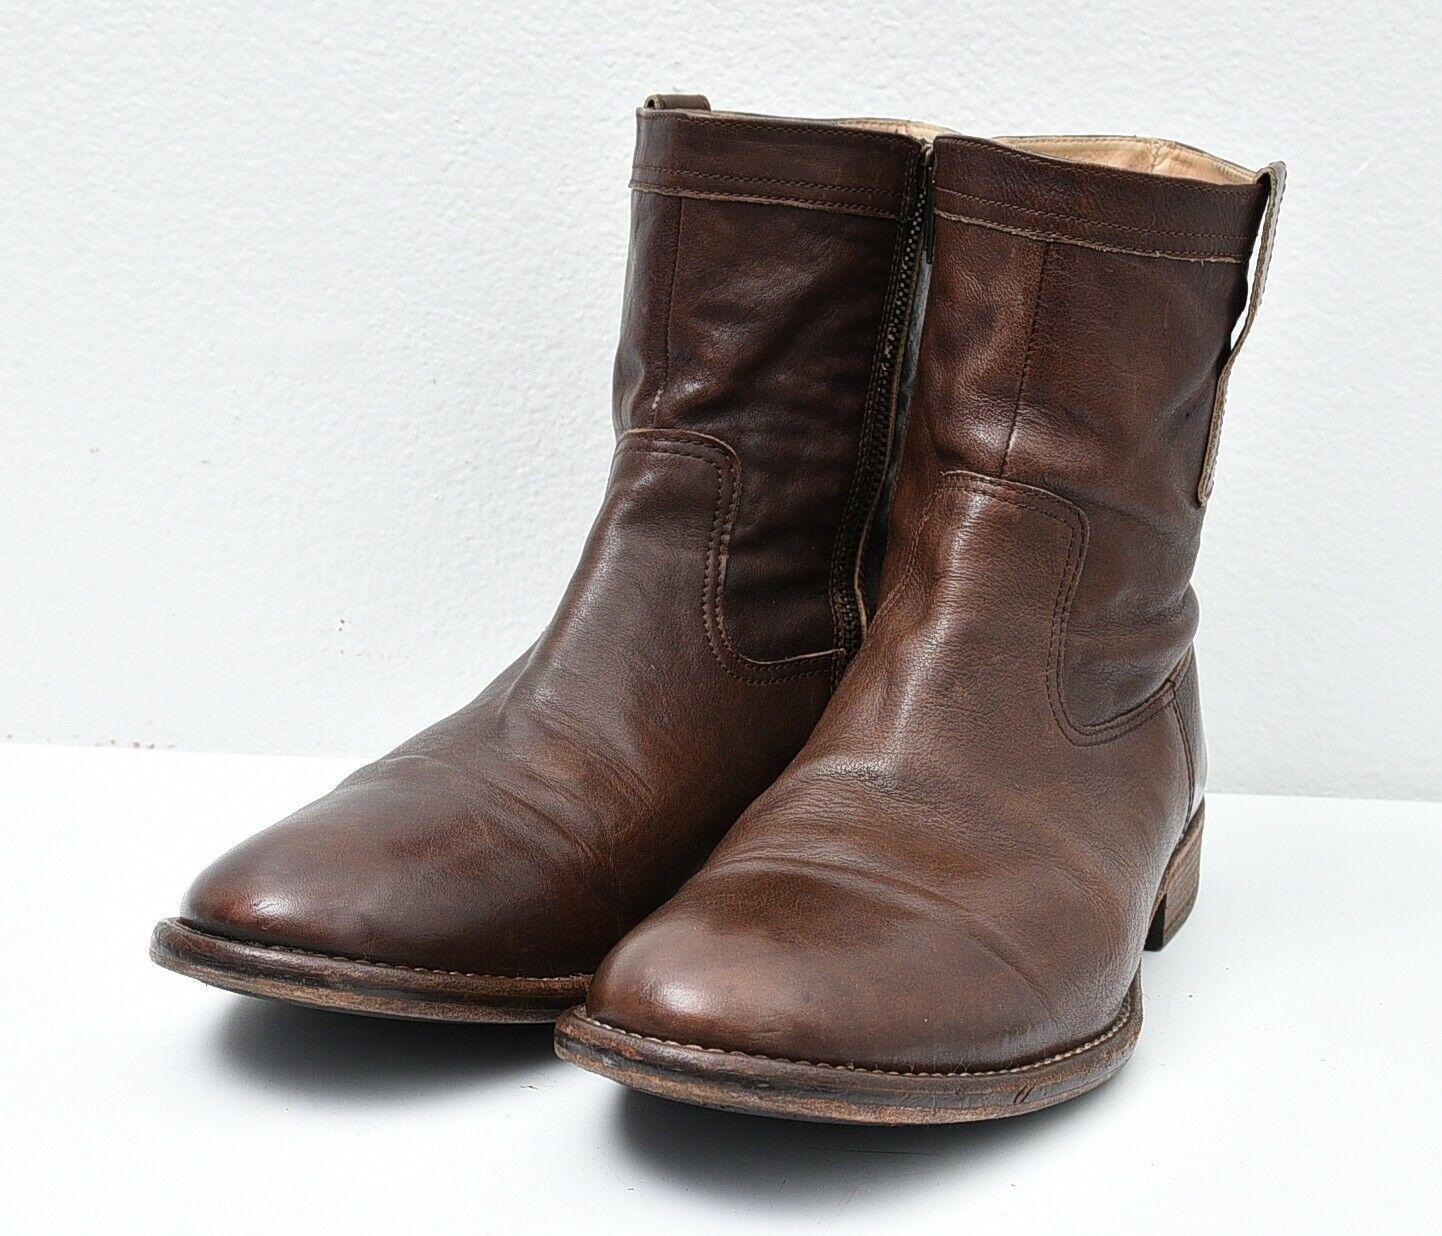 ECCO Men's Portisco Zip Boot Sz 12 Brown Leather Combat Casual Short Booties